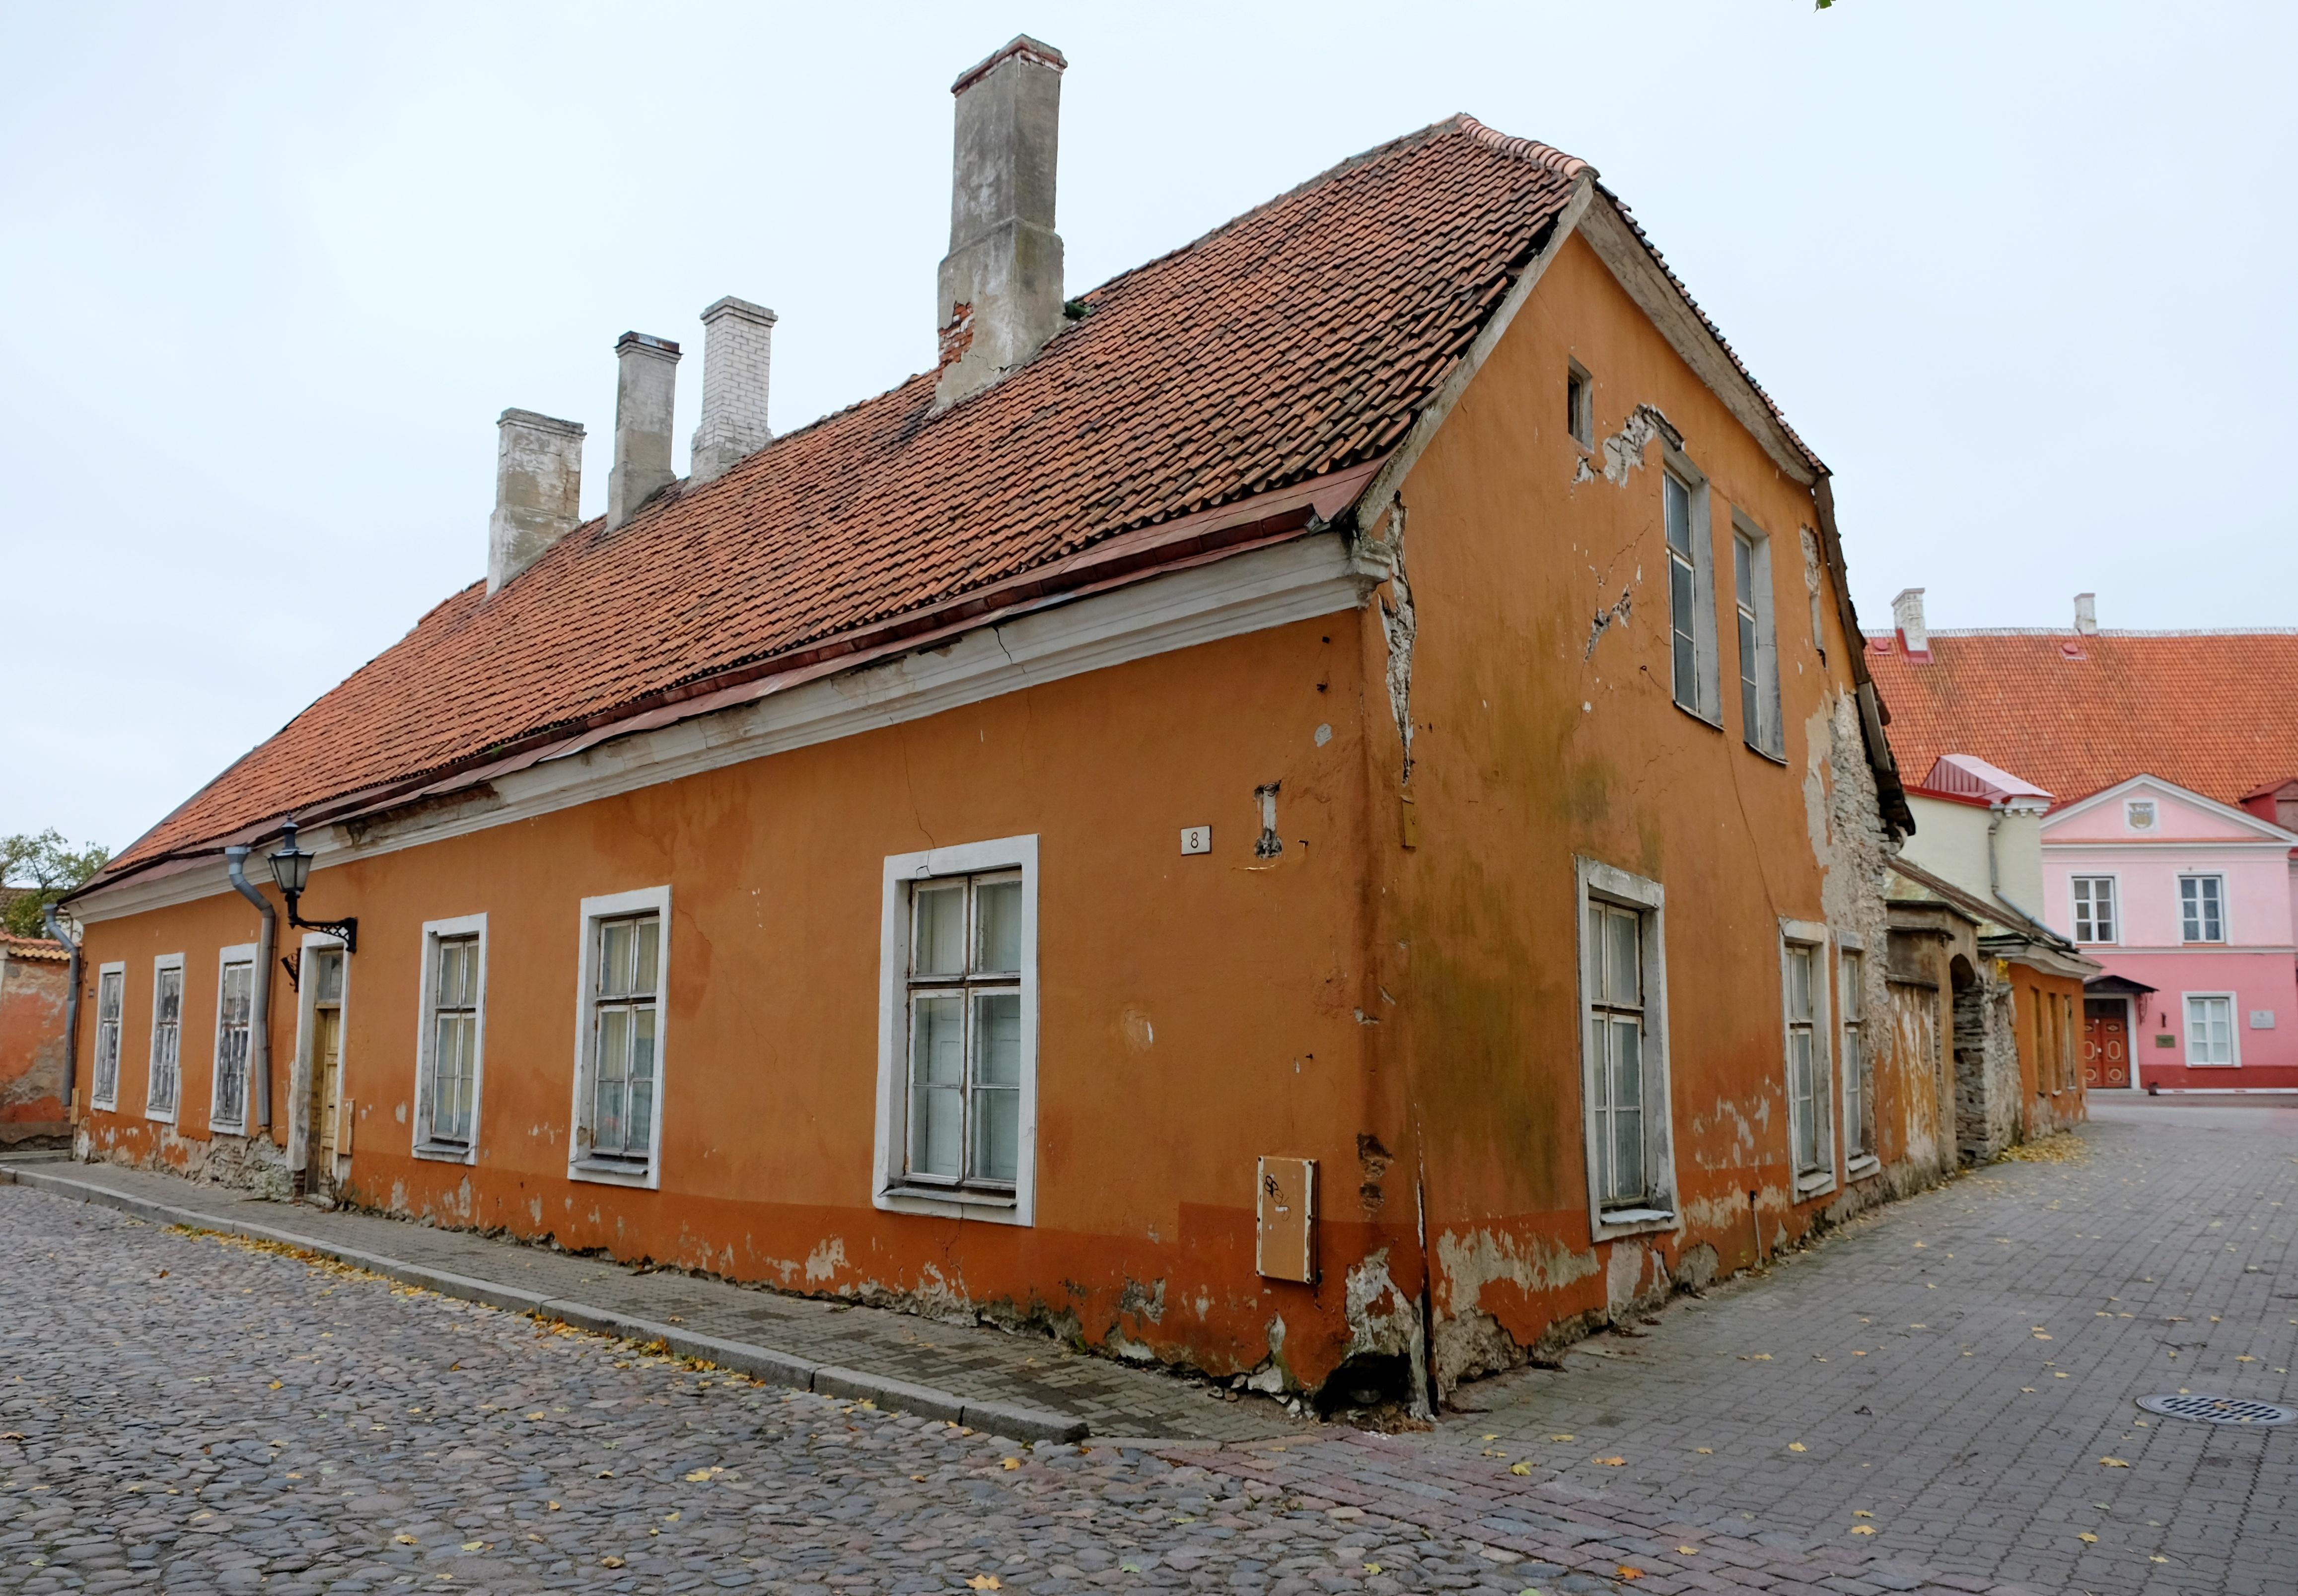 Haus sanieren lassen - Kosten-Überblick einer Haussanierung